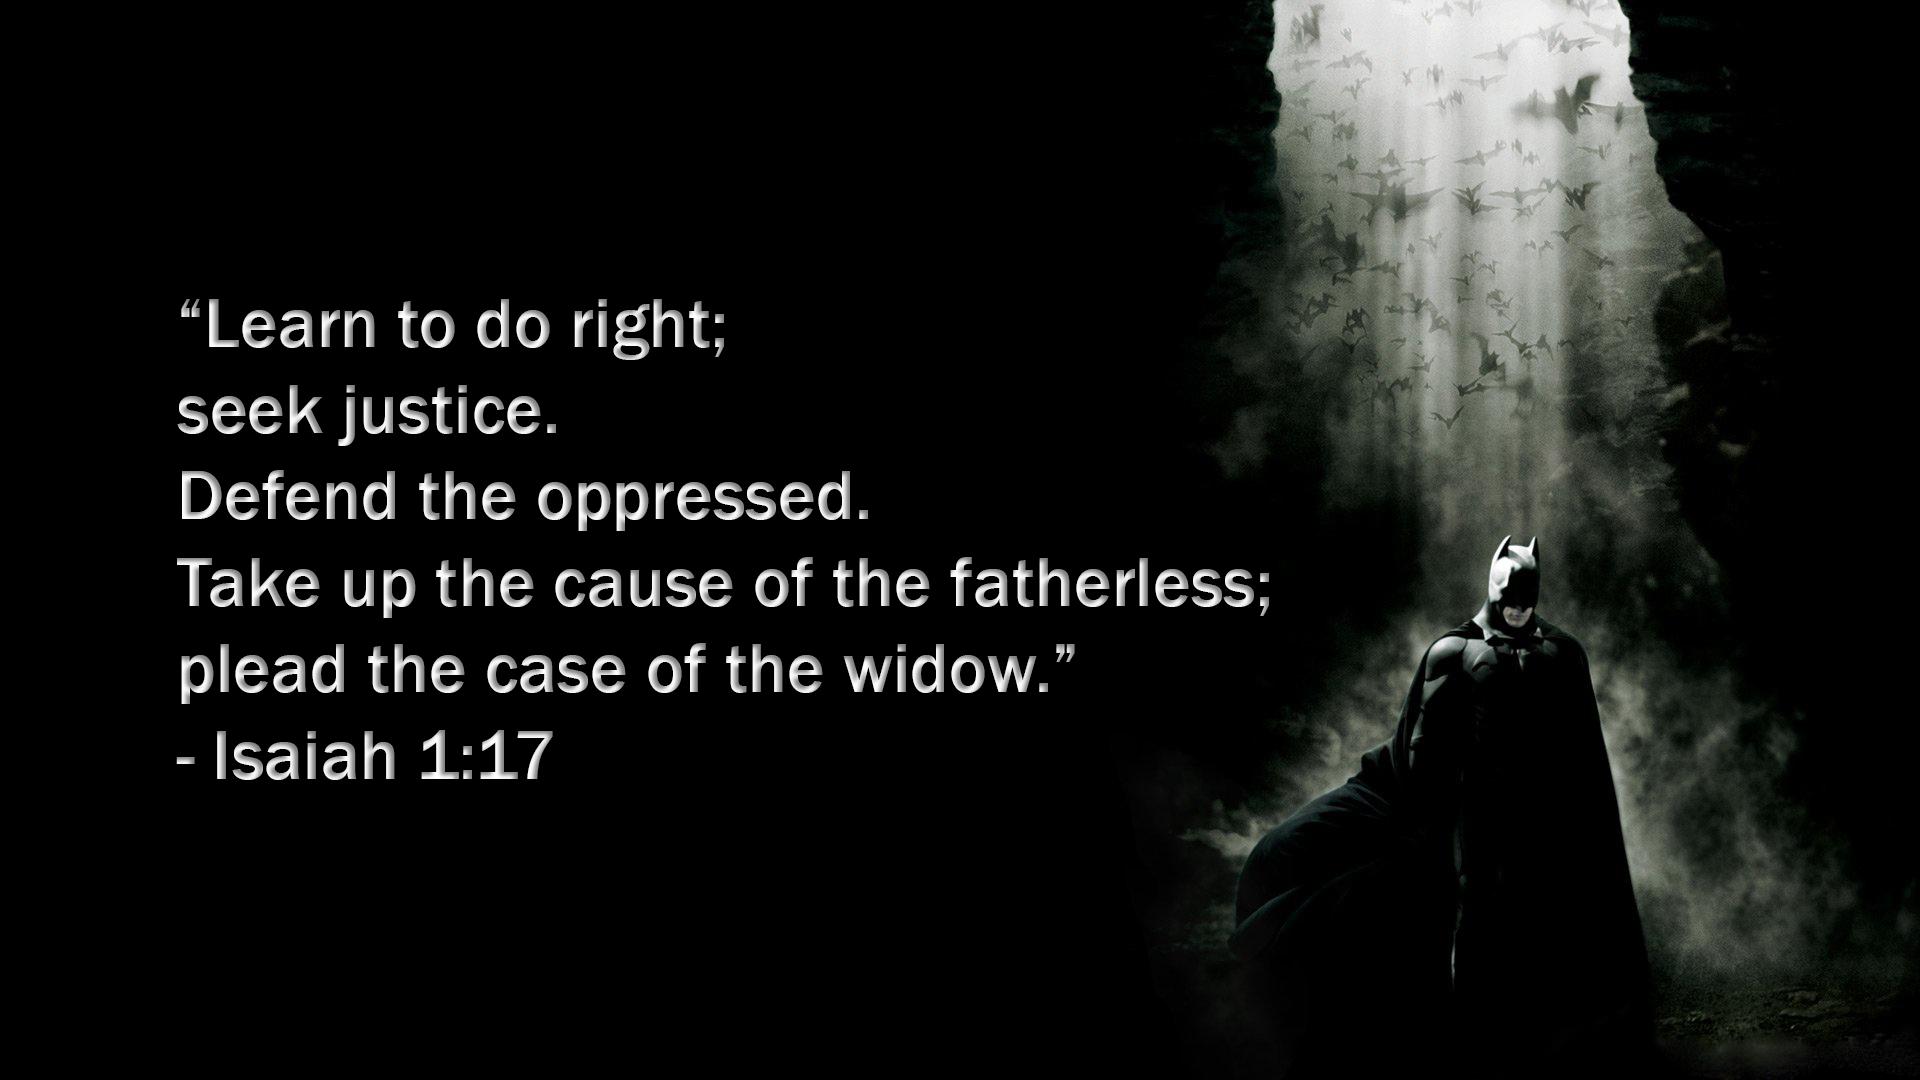 The Dark Knight Rises And Isaiah 117 The Adam Burdeshaw Blog